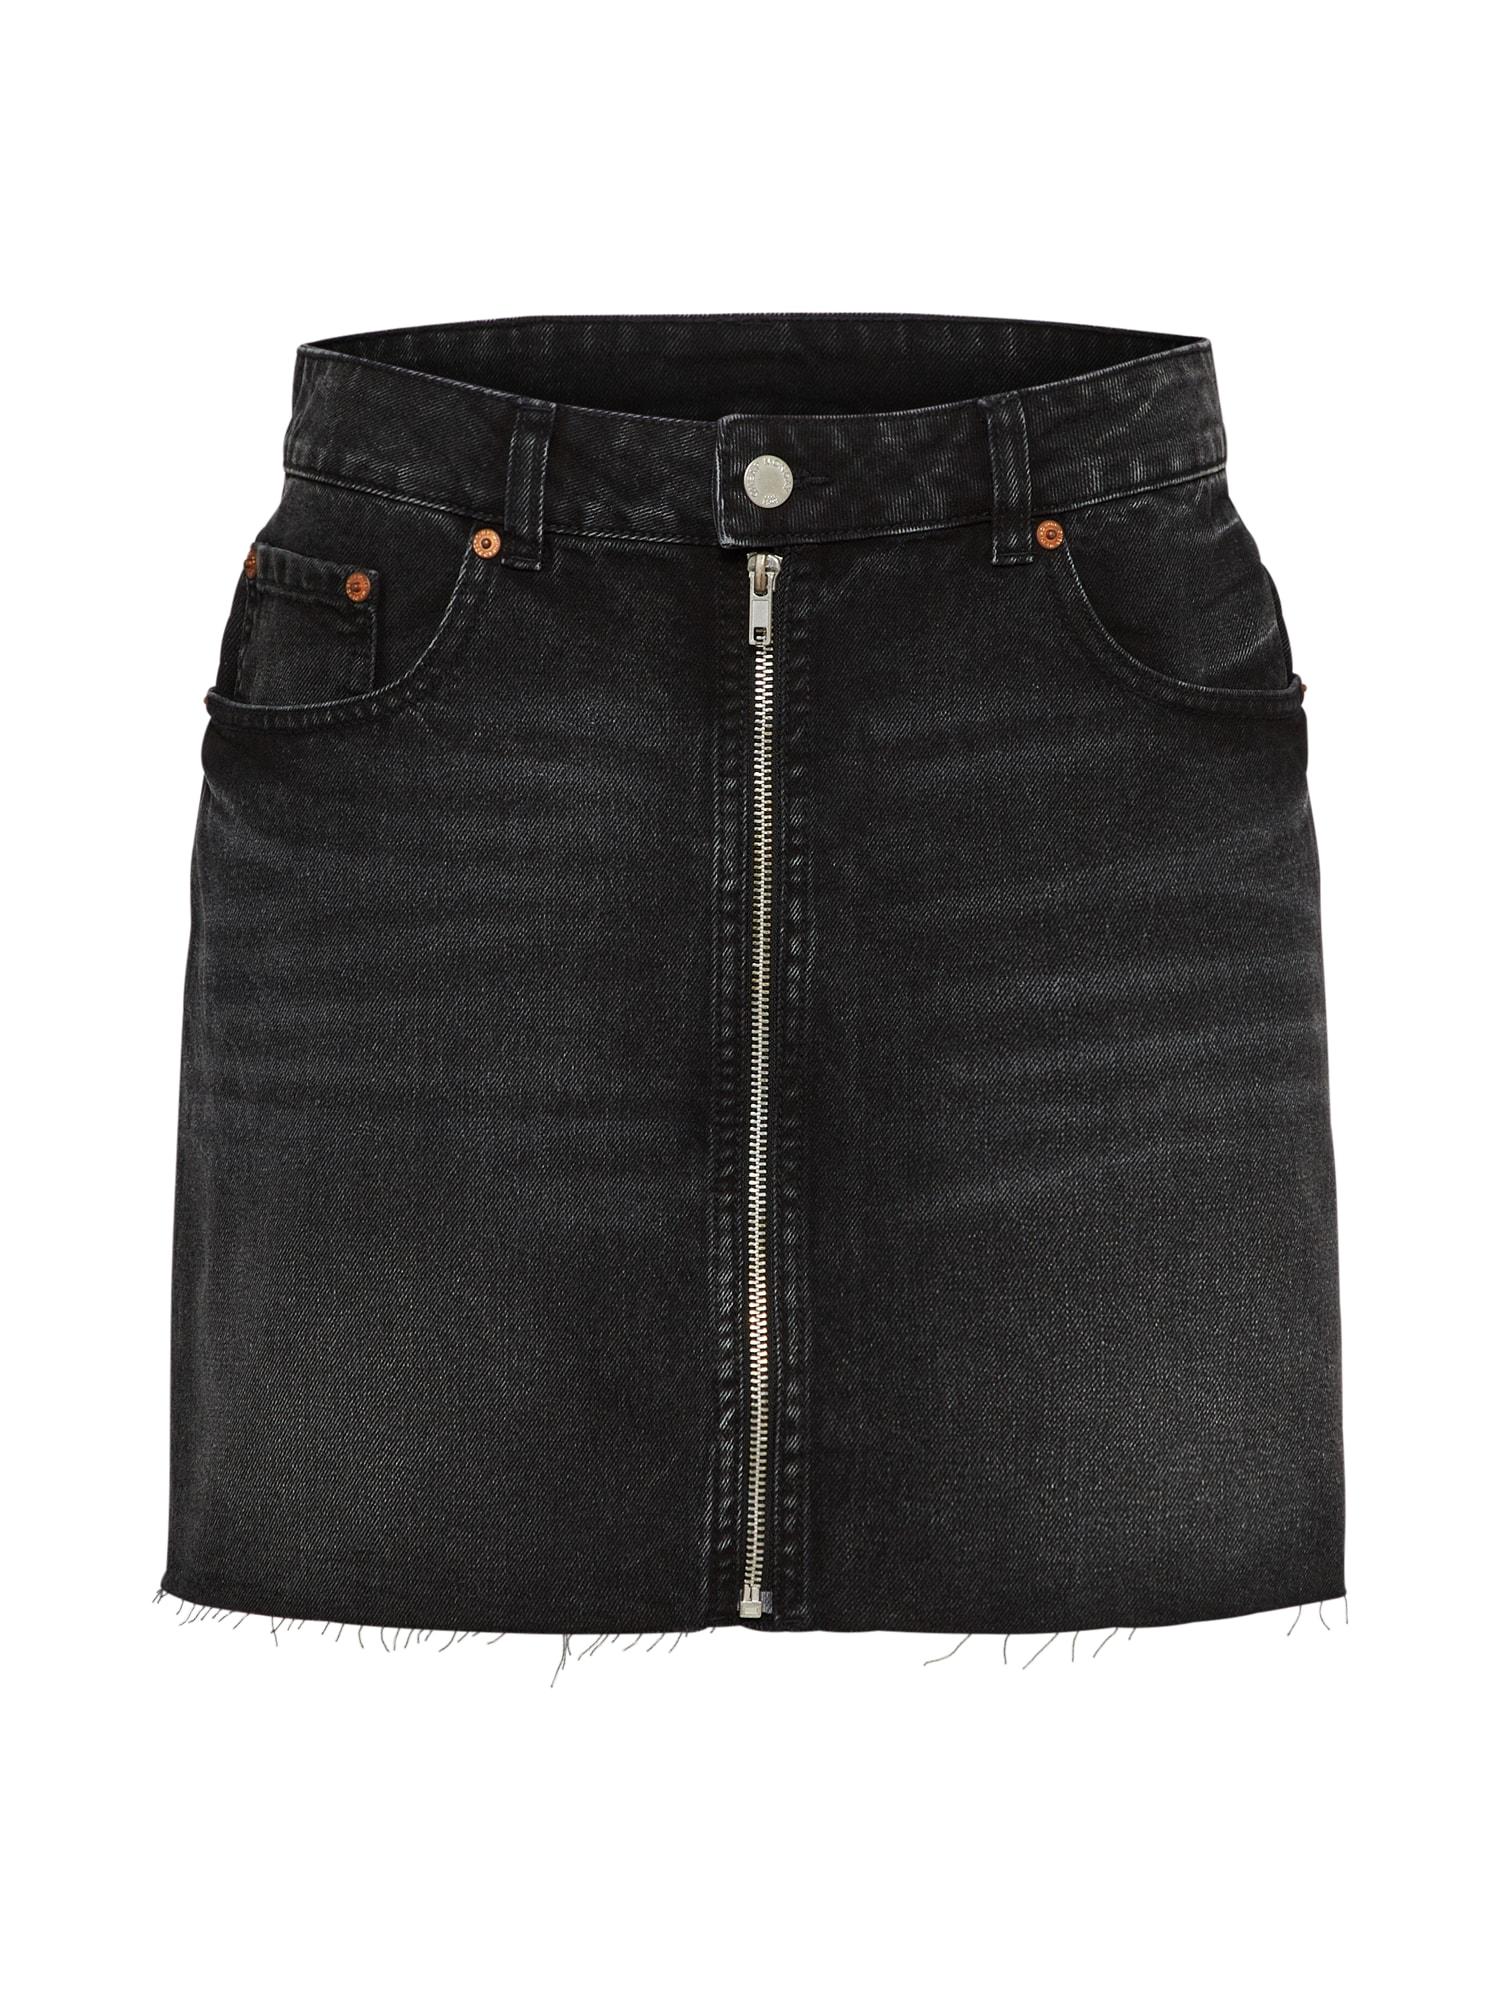 Sukně Zip short skirt černá džínovina CHEAP MONDAY